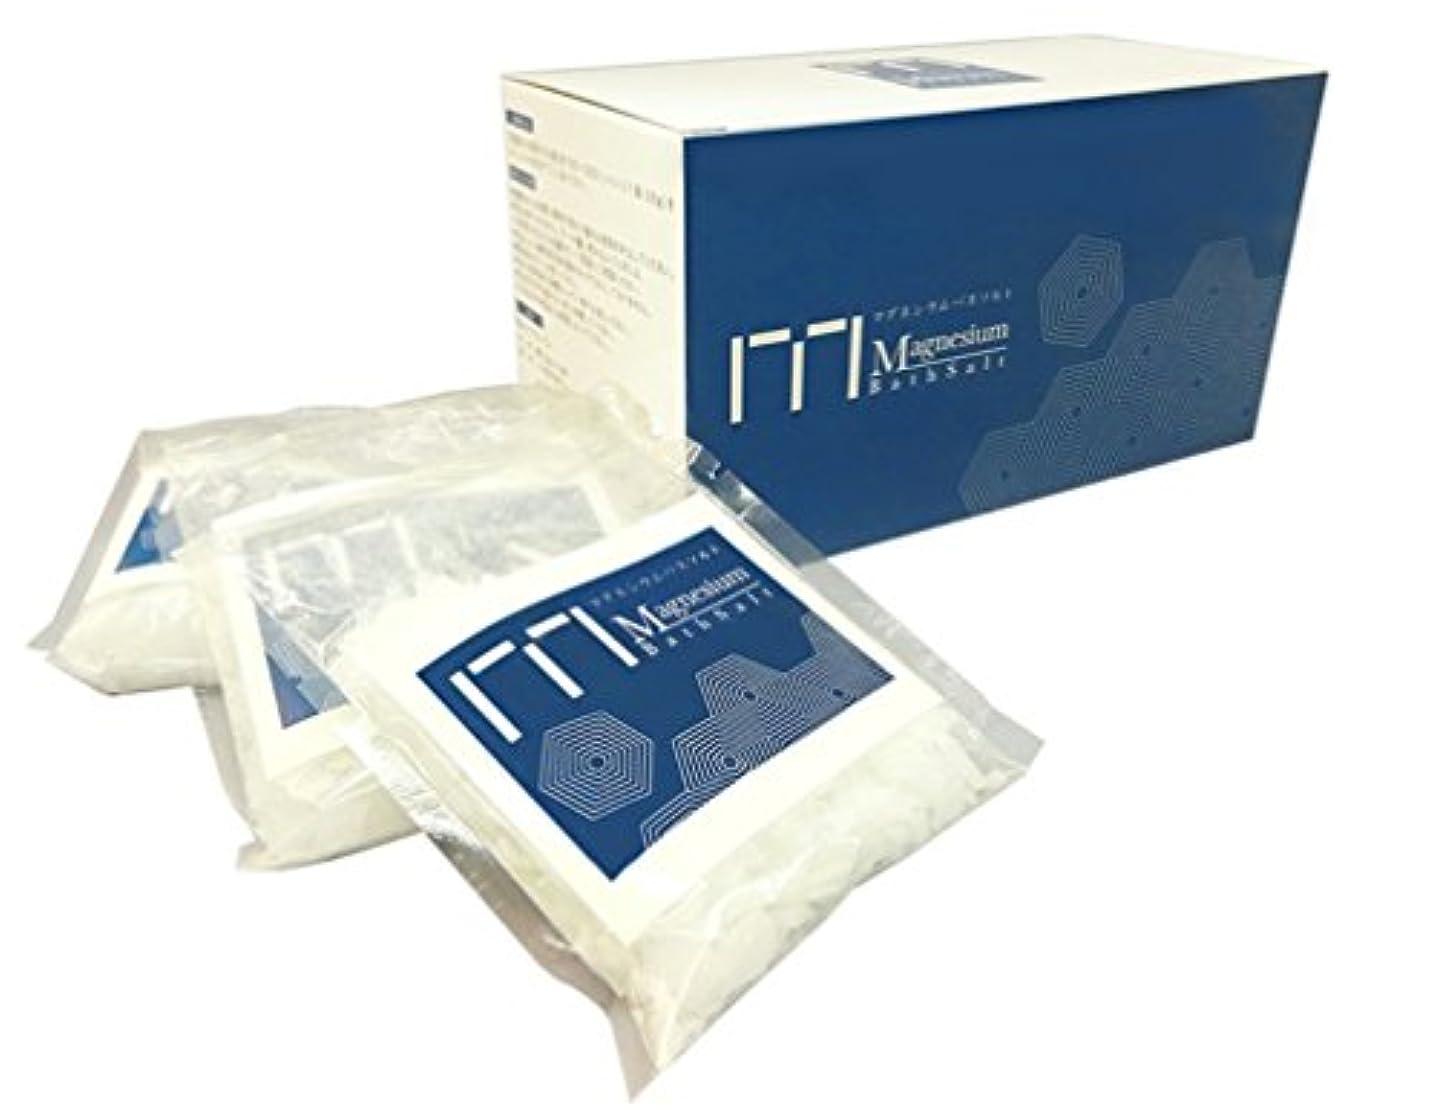 ダイバー普通に接続詞ニューサイエンス マグネシウム入浴剤